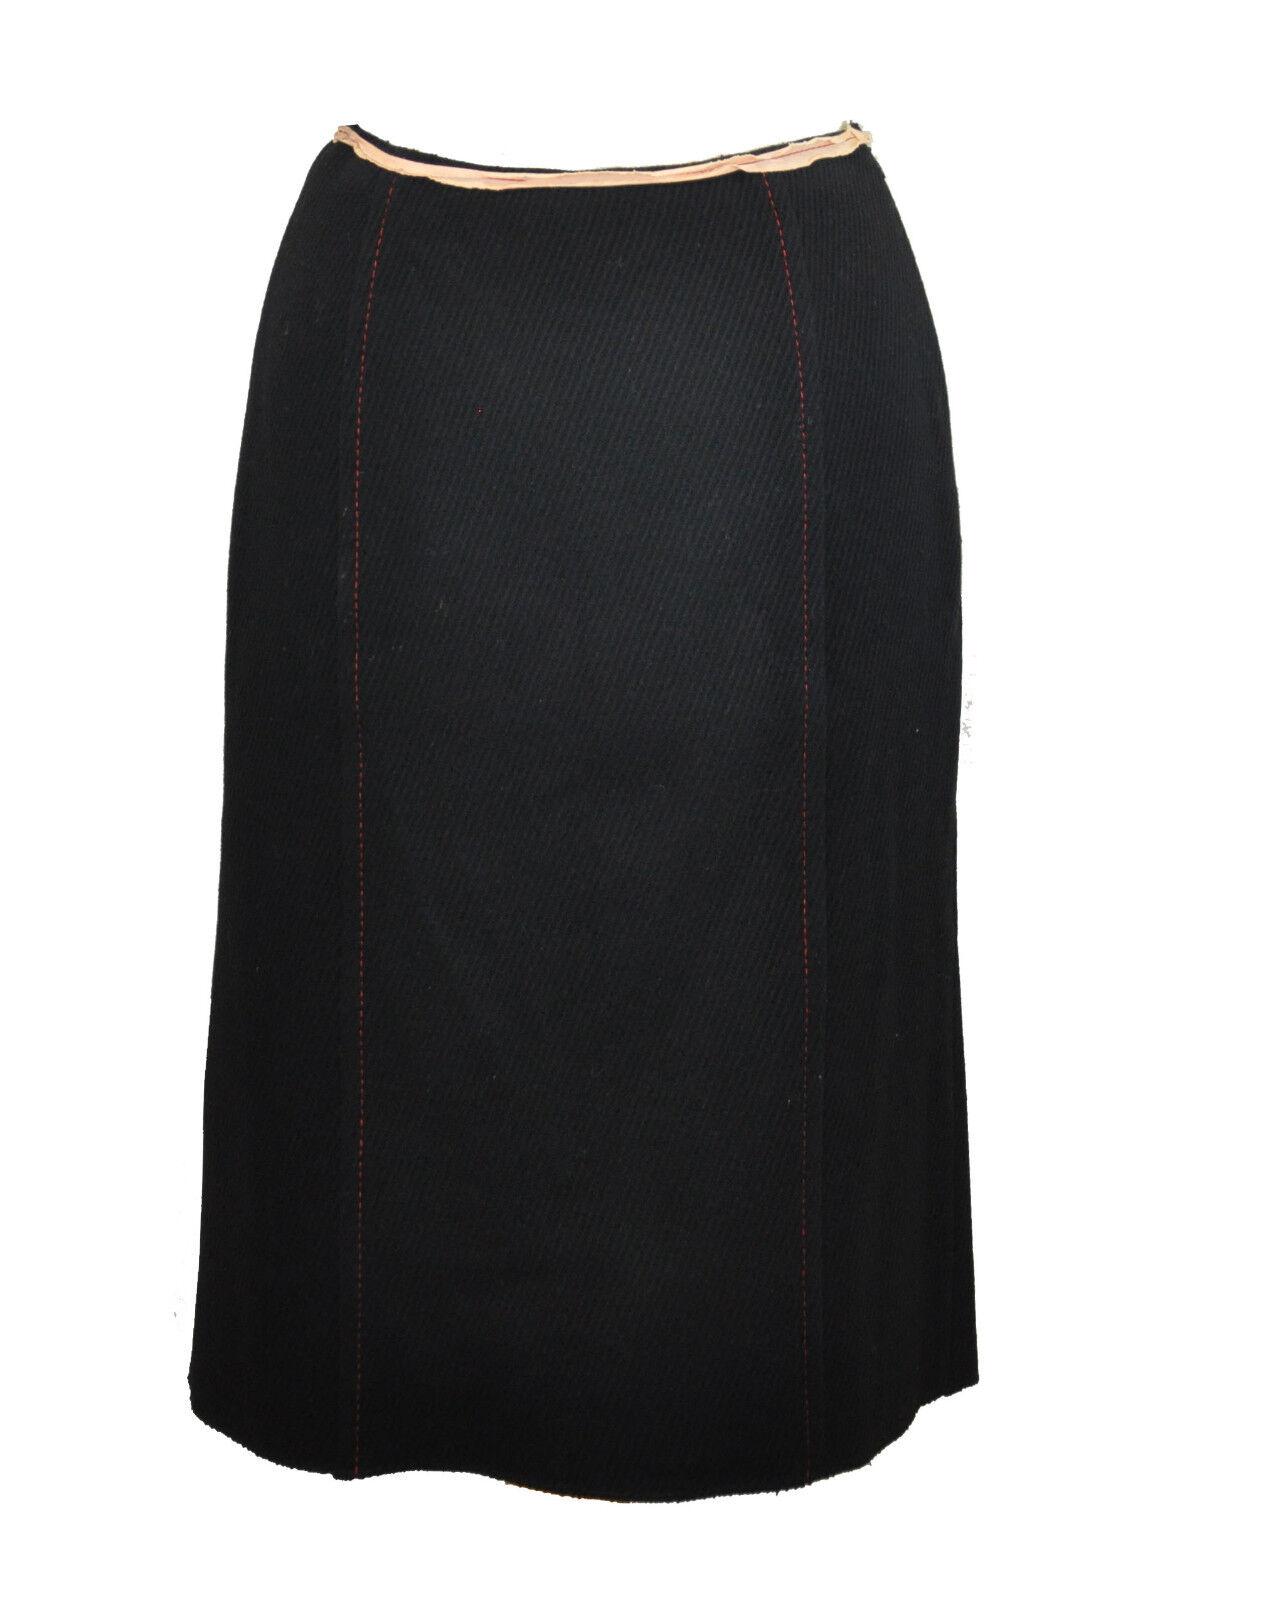 Miu Miu  Wool Skirt  40  Red Stitch Detail  Pink Trim